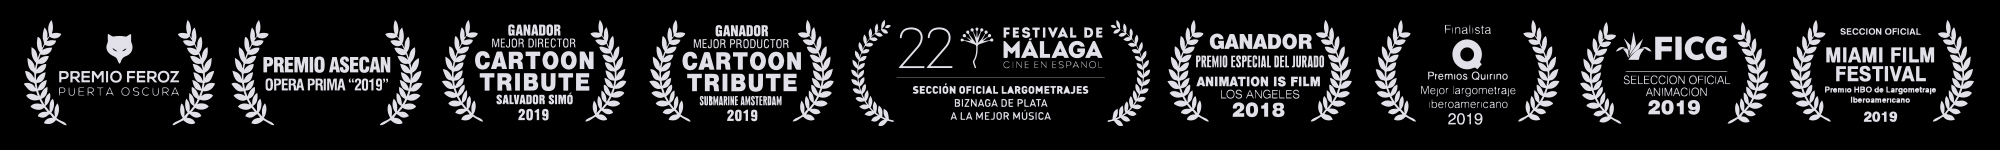 premios de la película Buñuel en el laberinto de las tortugas